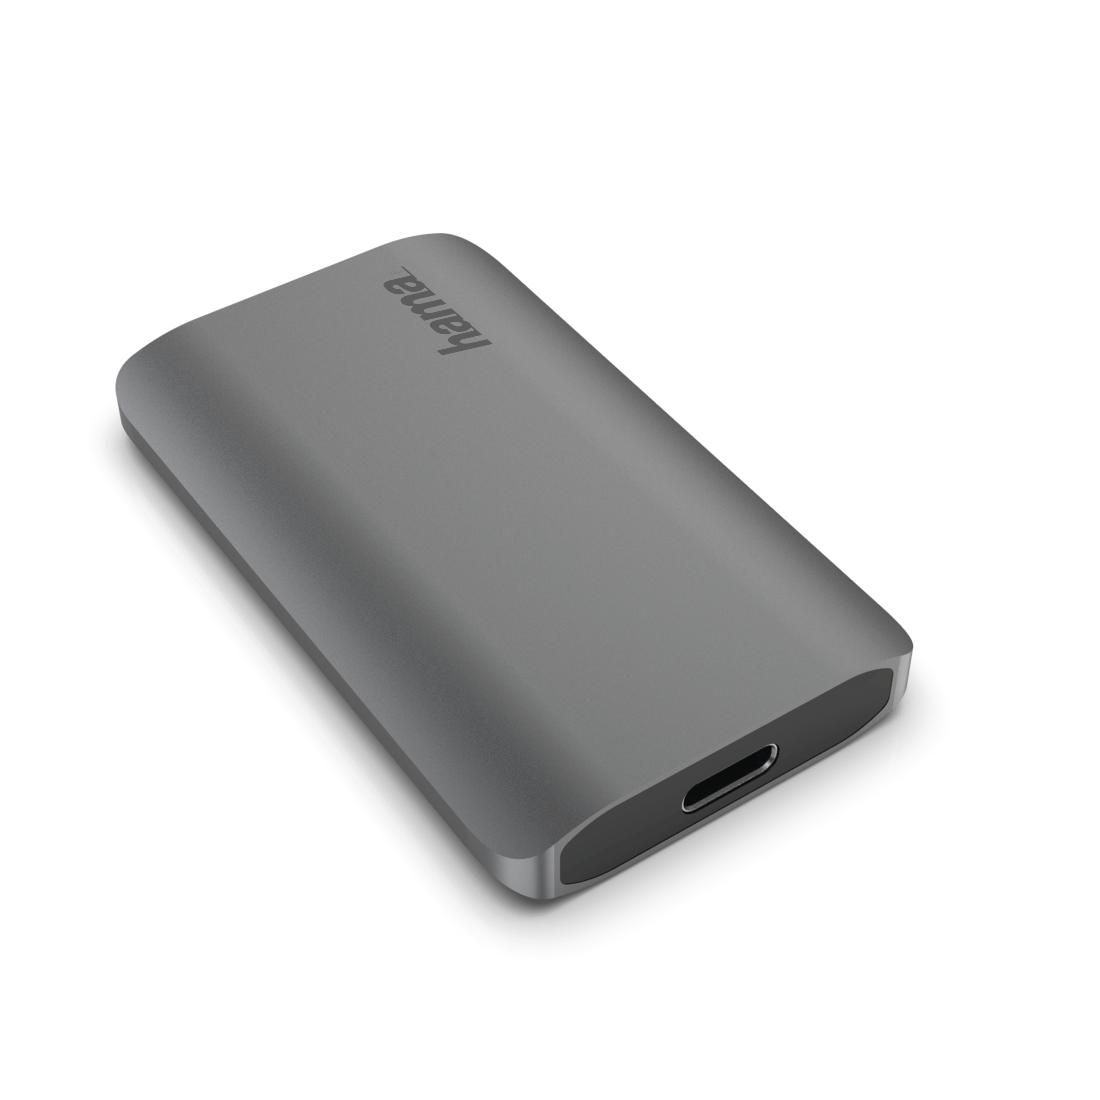 Przeskocz na mobilność i szybszy zapis danych. Oto dyski zewnętrzne SSD Hama o pojemności 250 i 500 GB